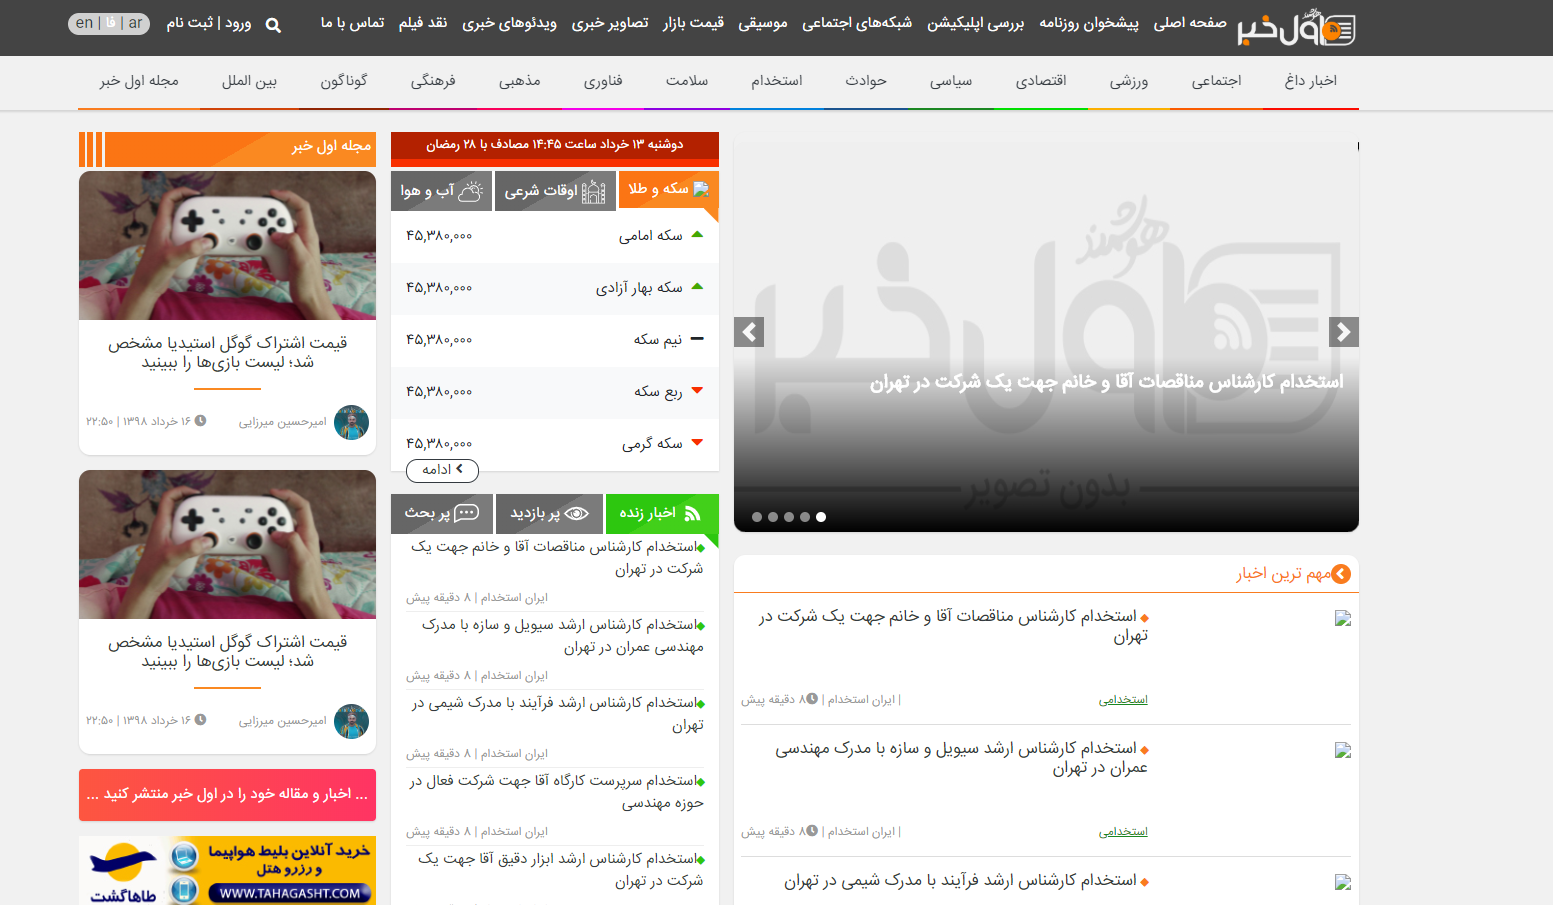 طراحی سایت اول خبر